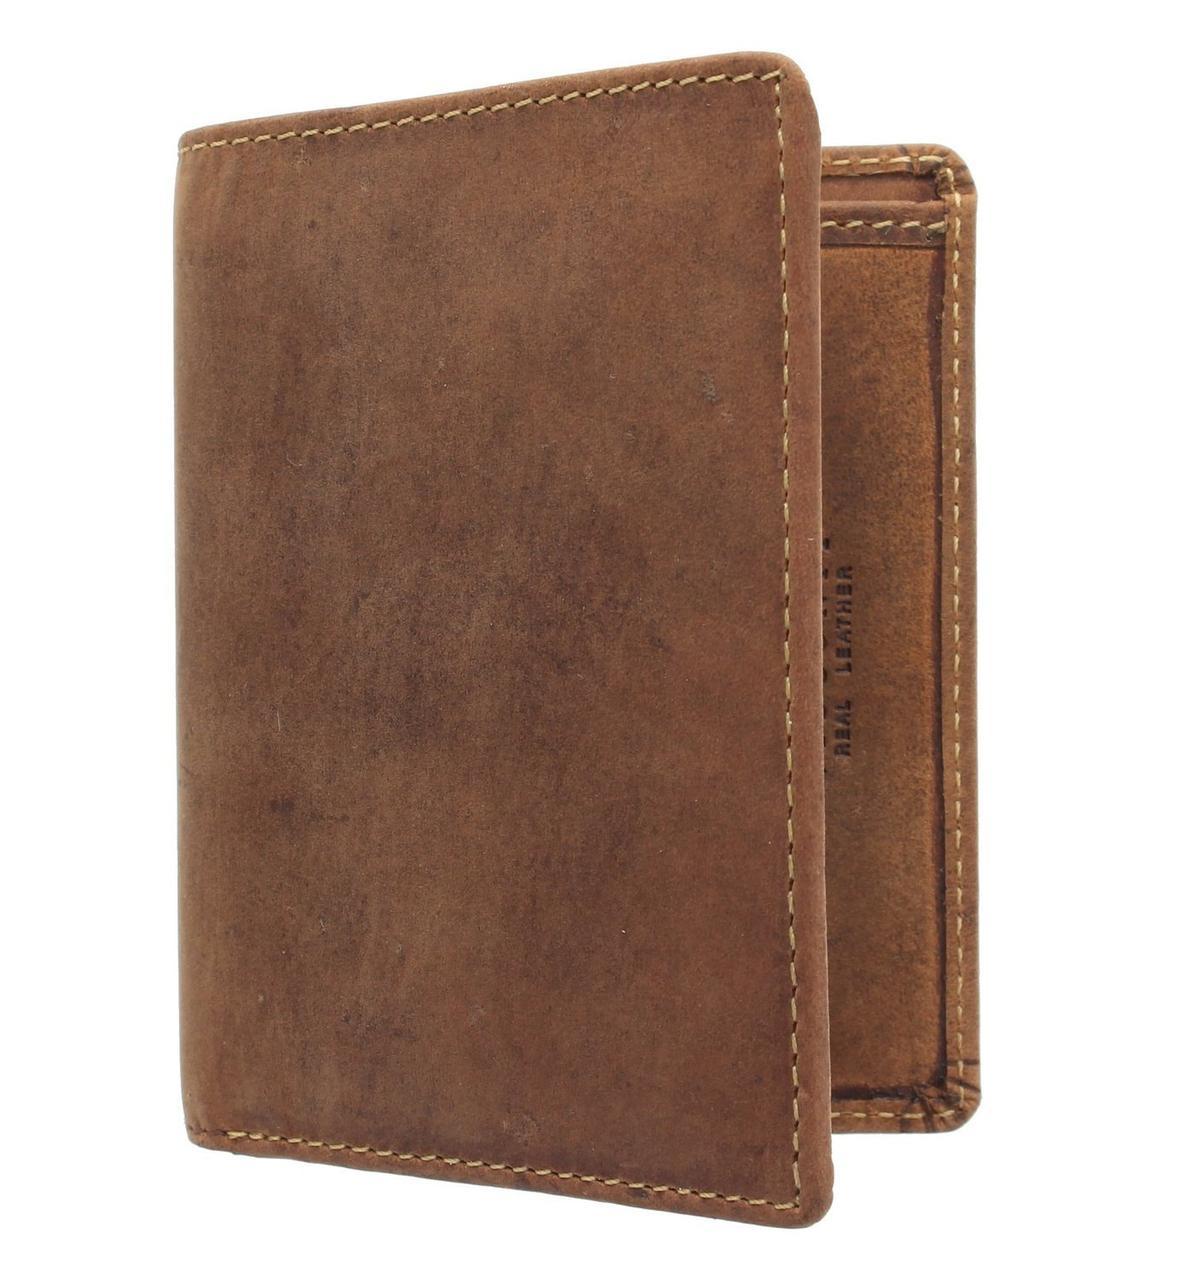 Маленький кошелек из матовой кожи Visconti 705 Oil Tan (Великобритания)